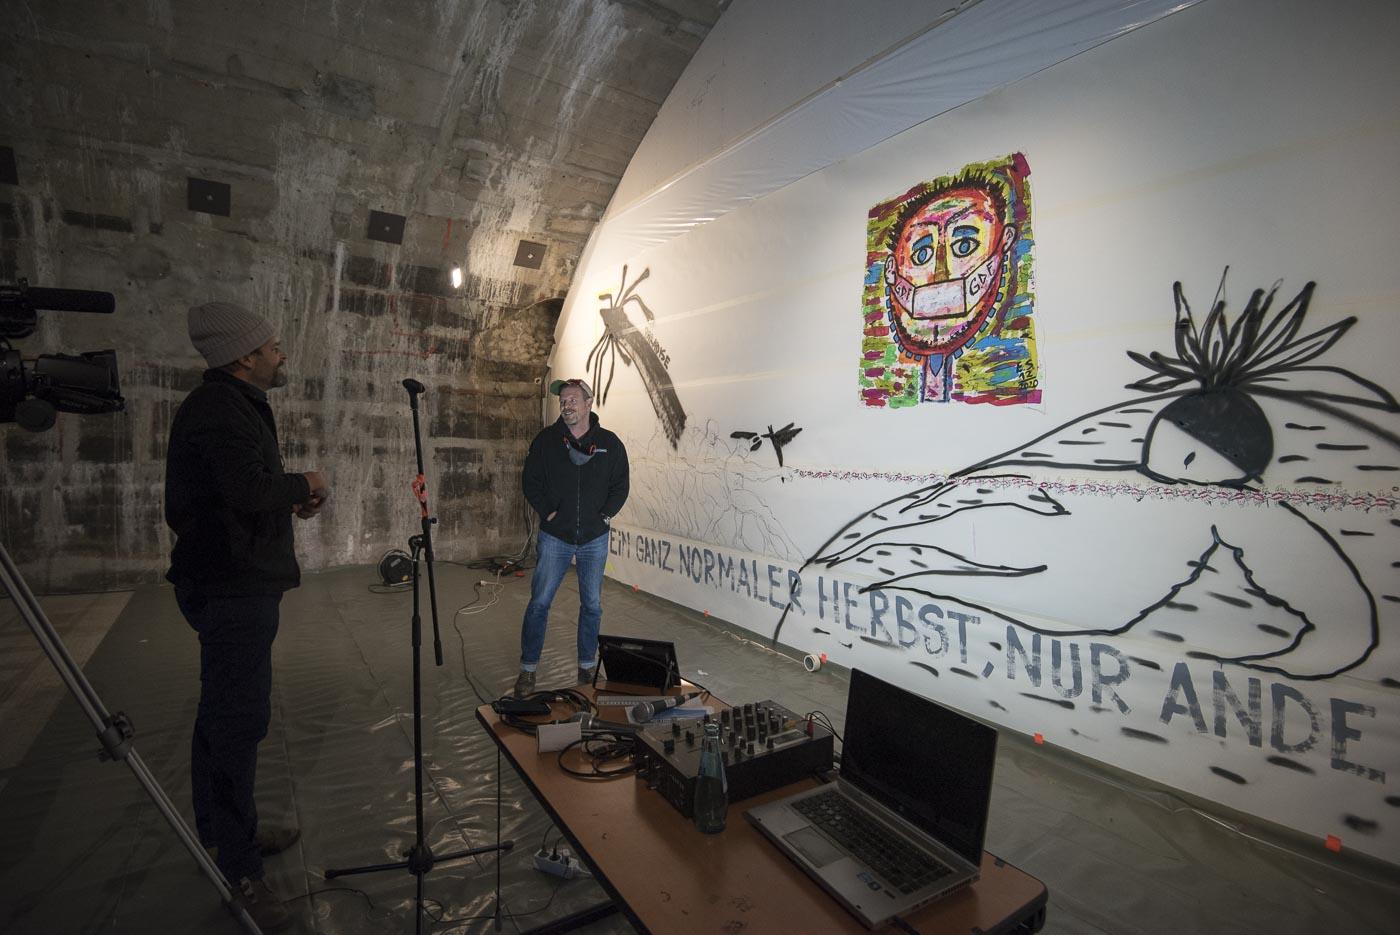 Ein ganz normaler Hebst, nur anders- Projekt KVFM- Eric Schrade und Florian Heinke-  Tag 6